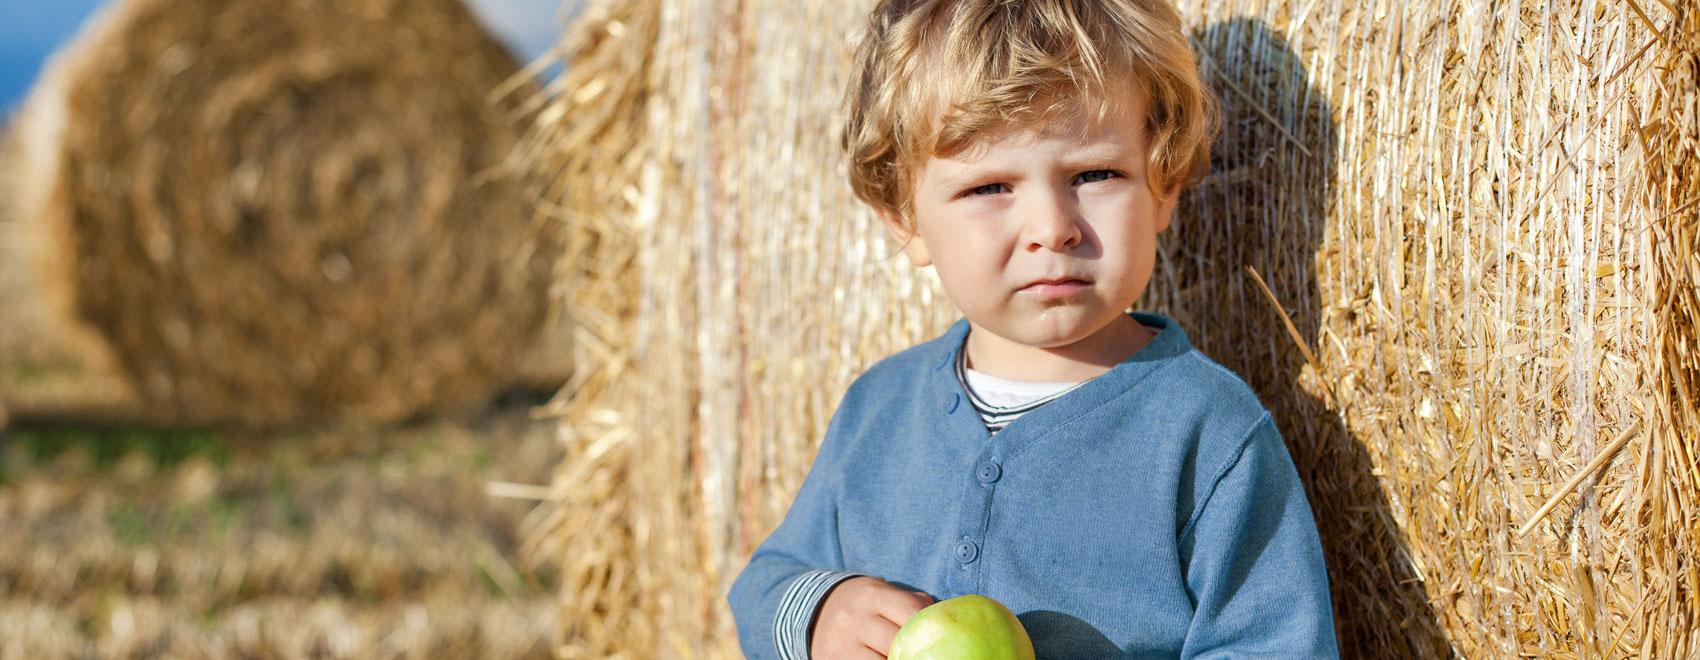 Bauern für Bauern - Maschinenring